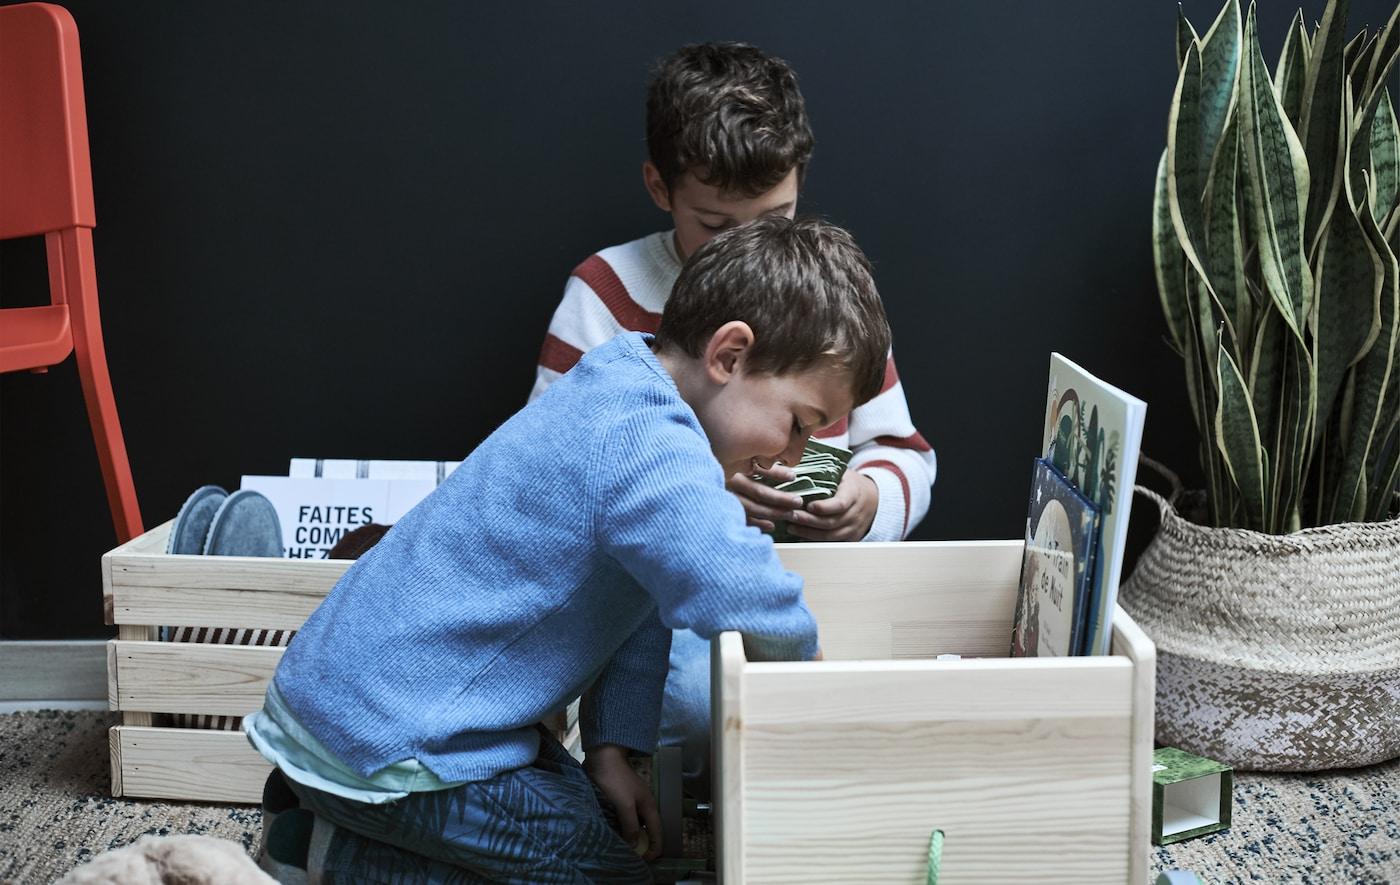 Dwóch chłopców zaglądających do drewnianego pudełka wypełnionego różnymi drobiazgami.